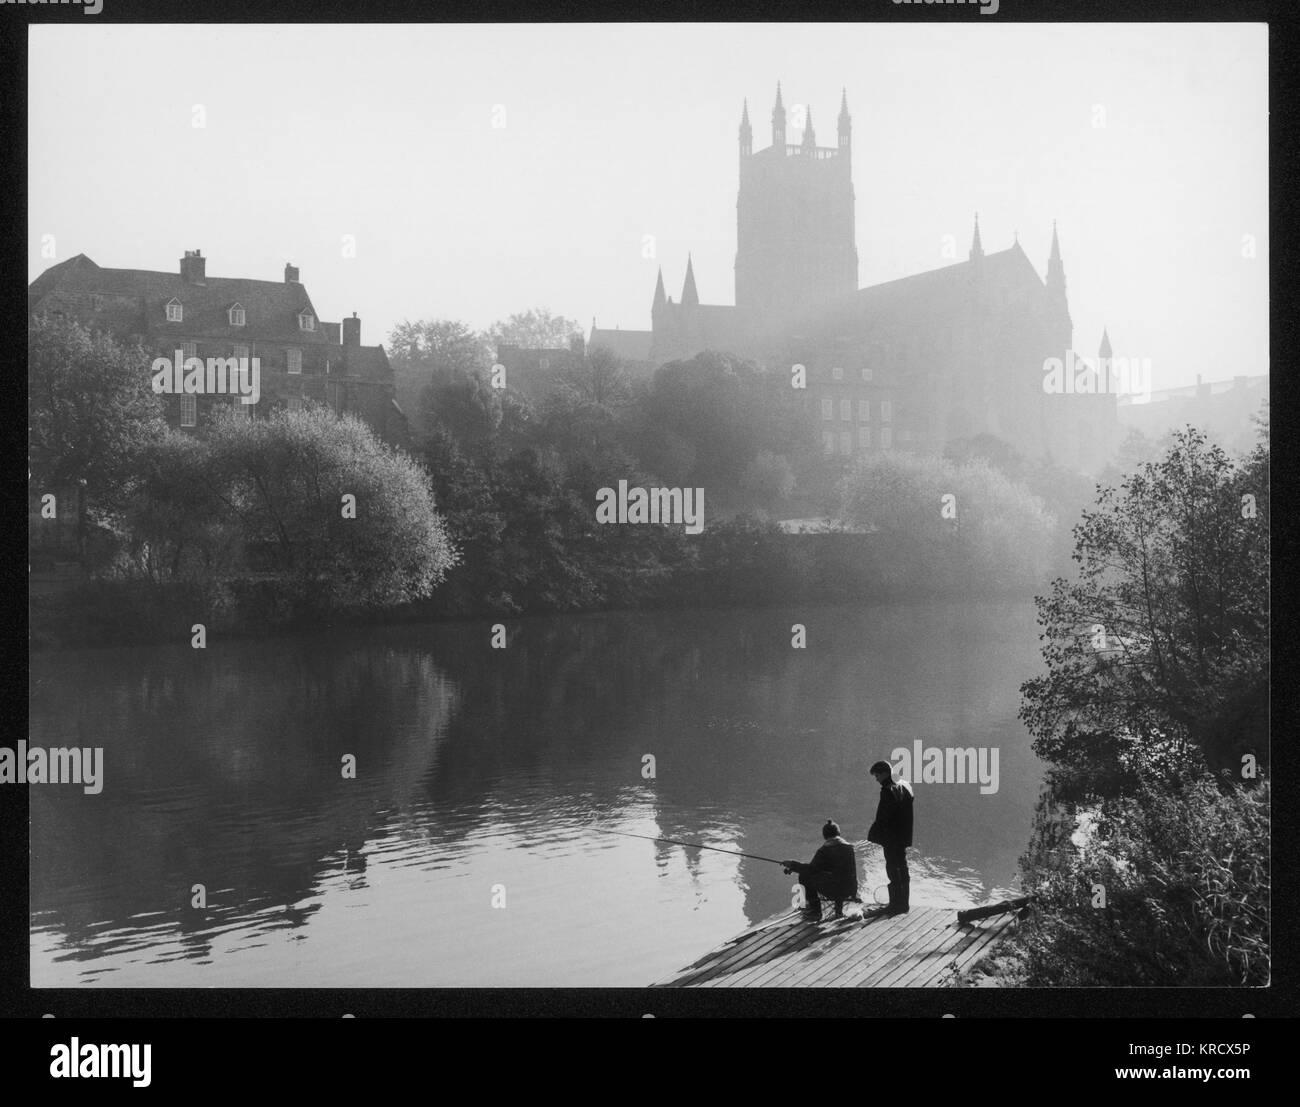 Pescare nel fiume Severn in una nebbiosa mattina, mentre il sole sorge dietro la cattedrale di Worcester in distanza. Immagini Stock